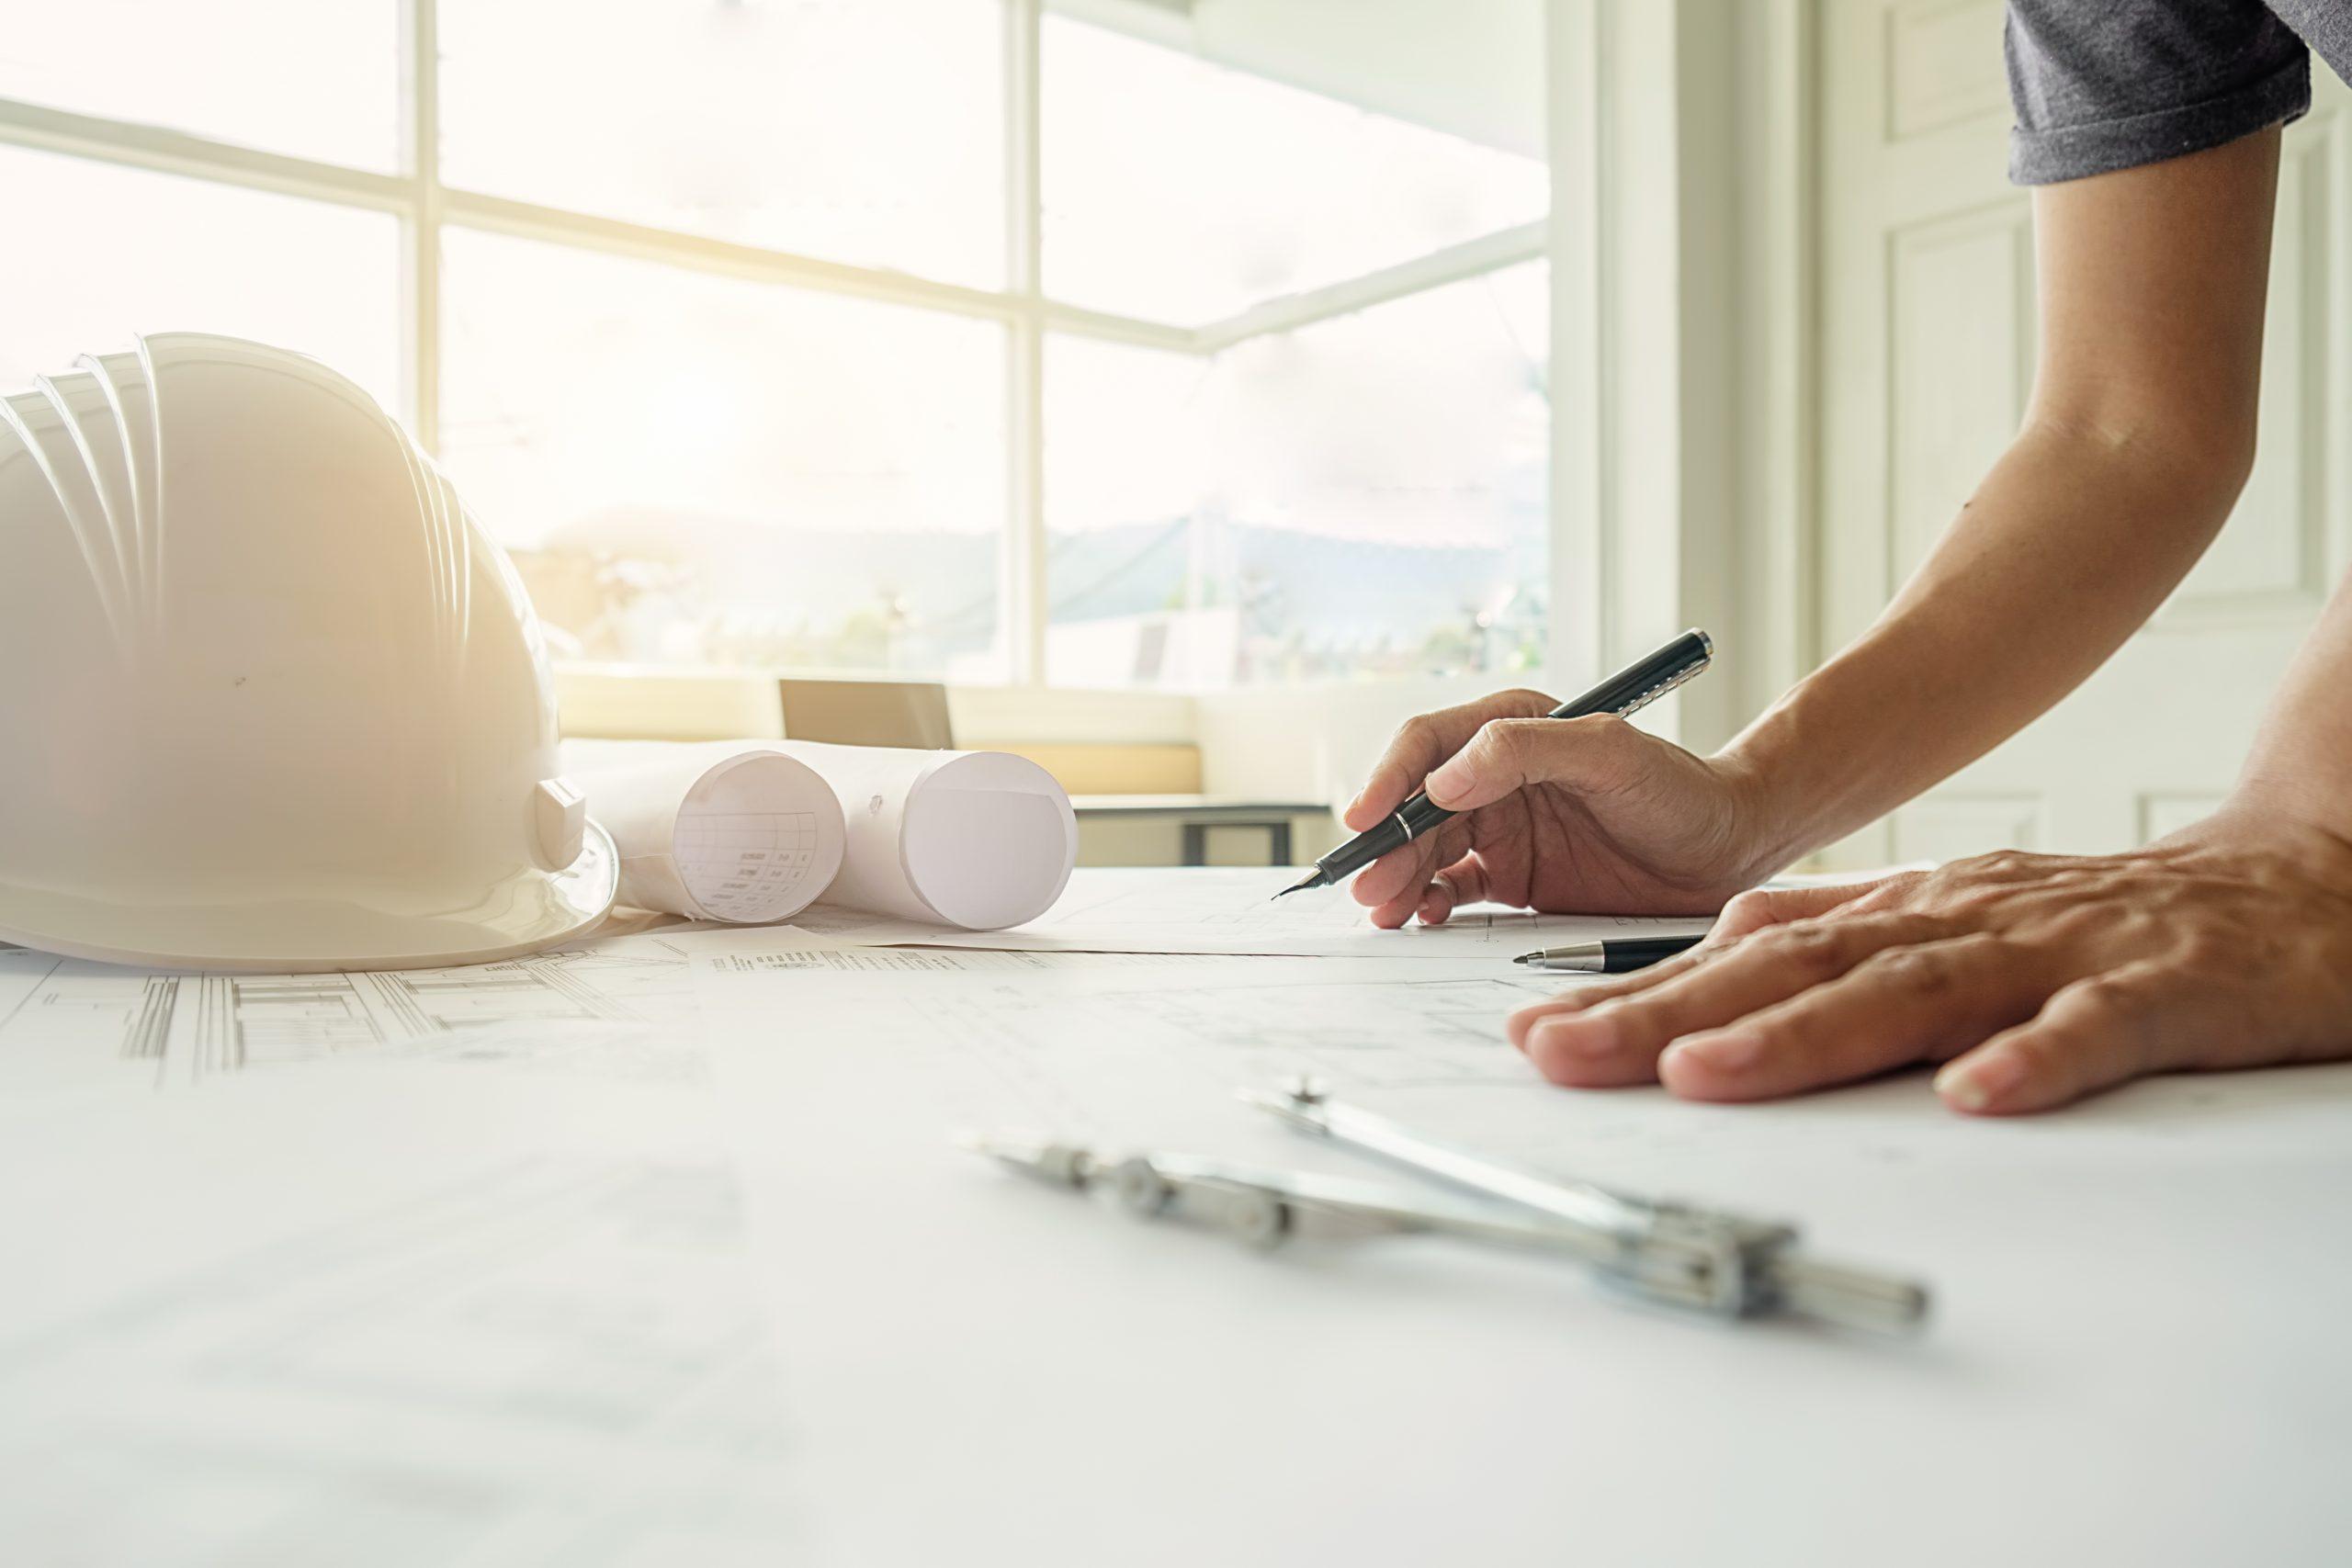 Hands_of_Engineer_Working_on_Blueprint